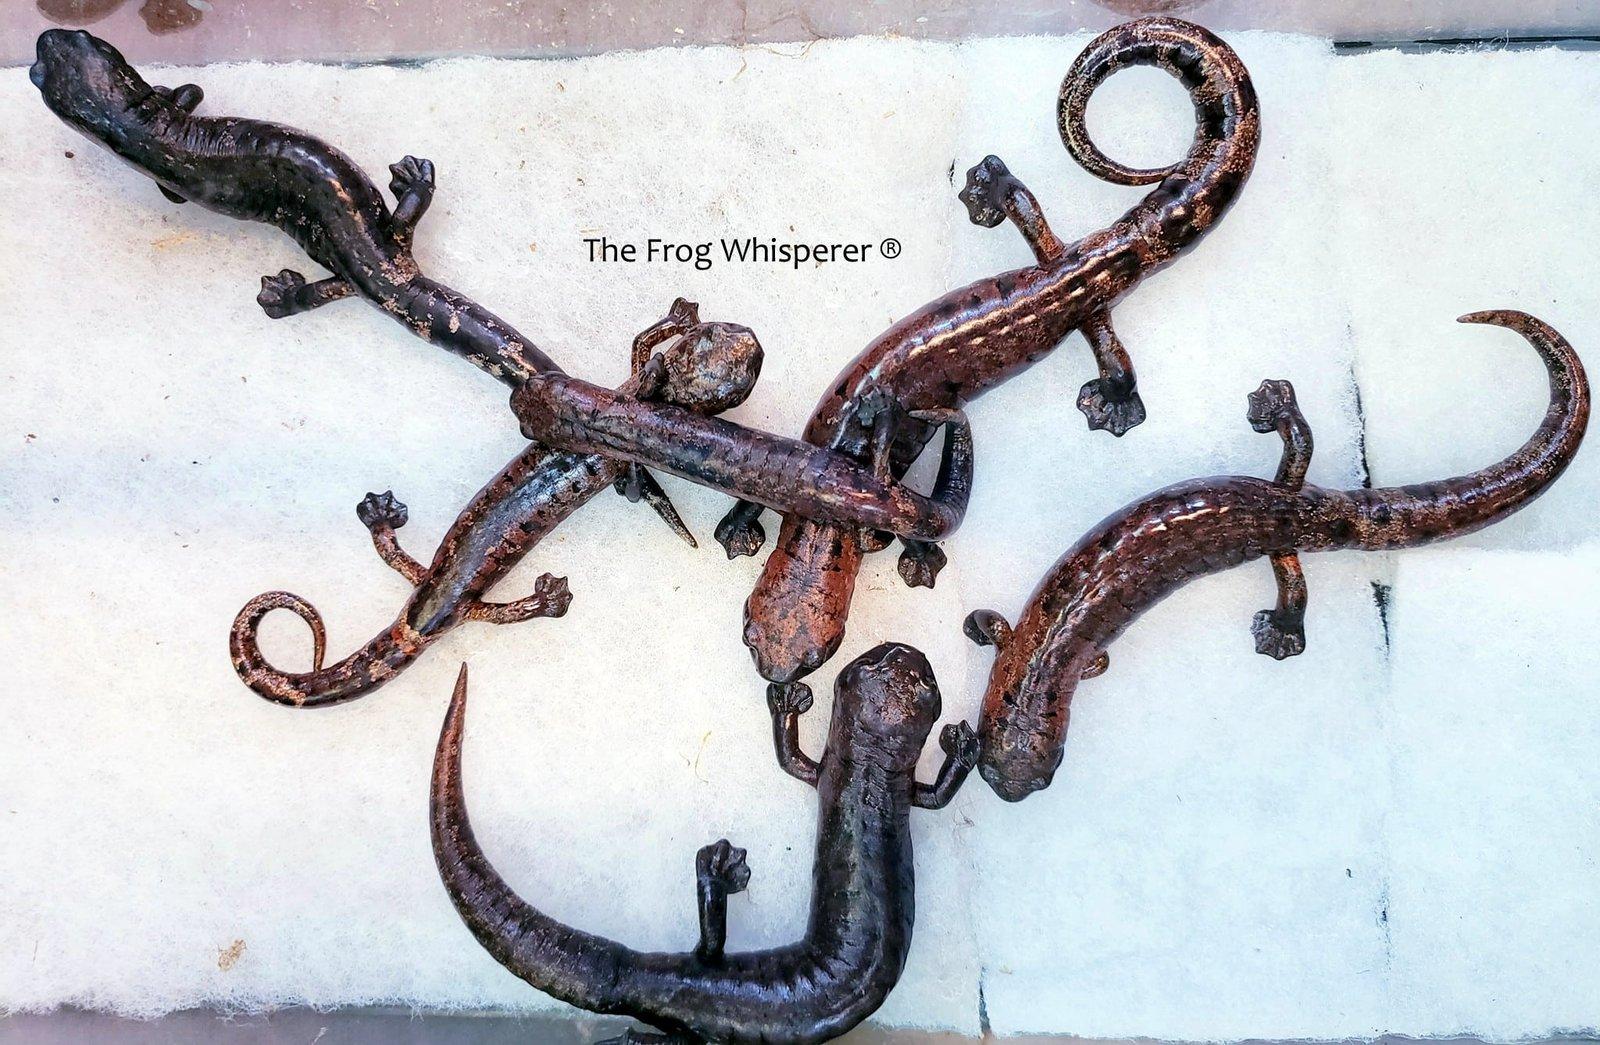 bolitoglossa salamanders